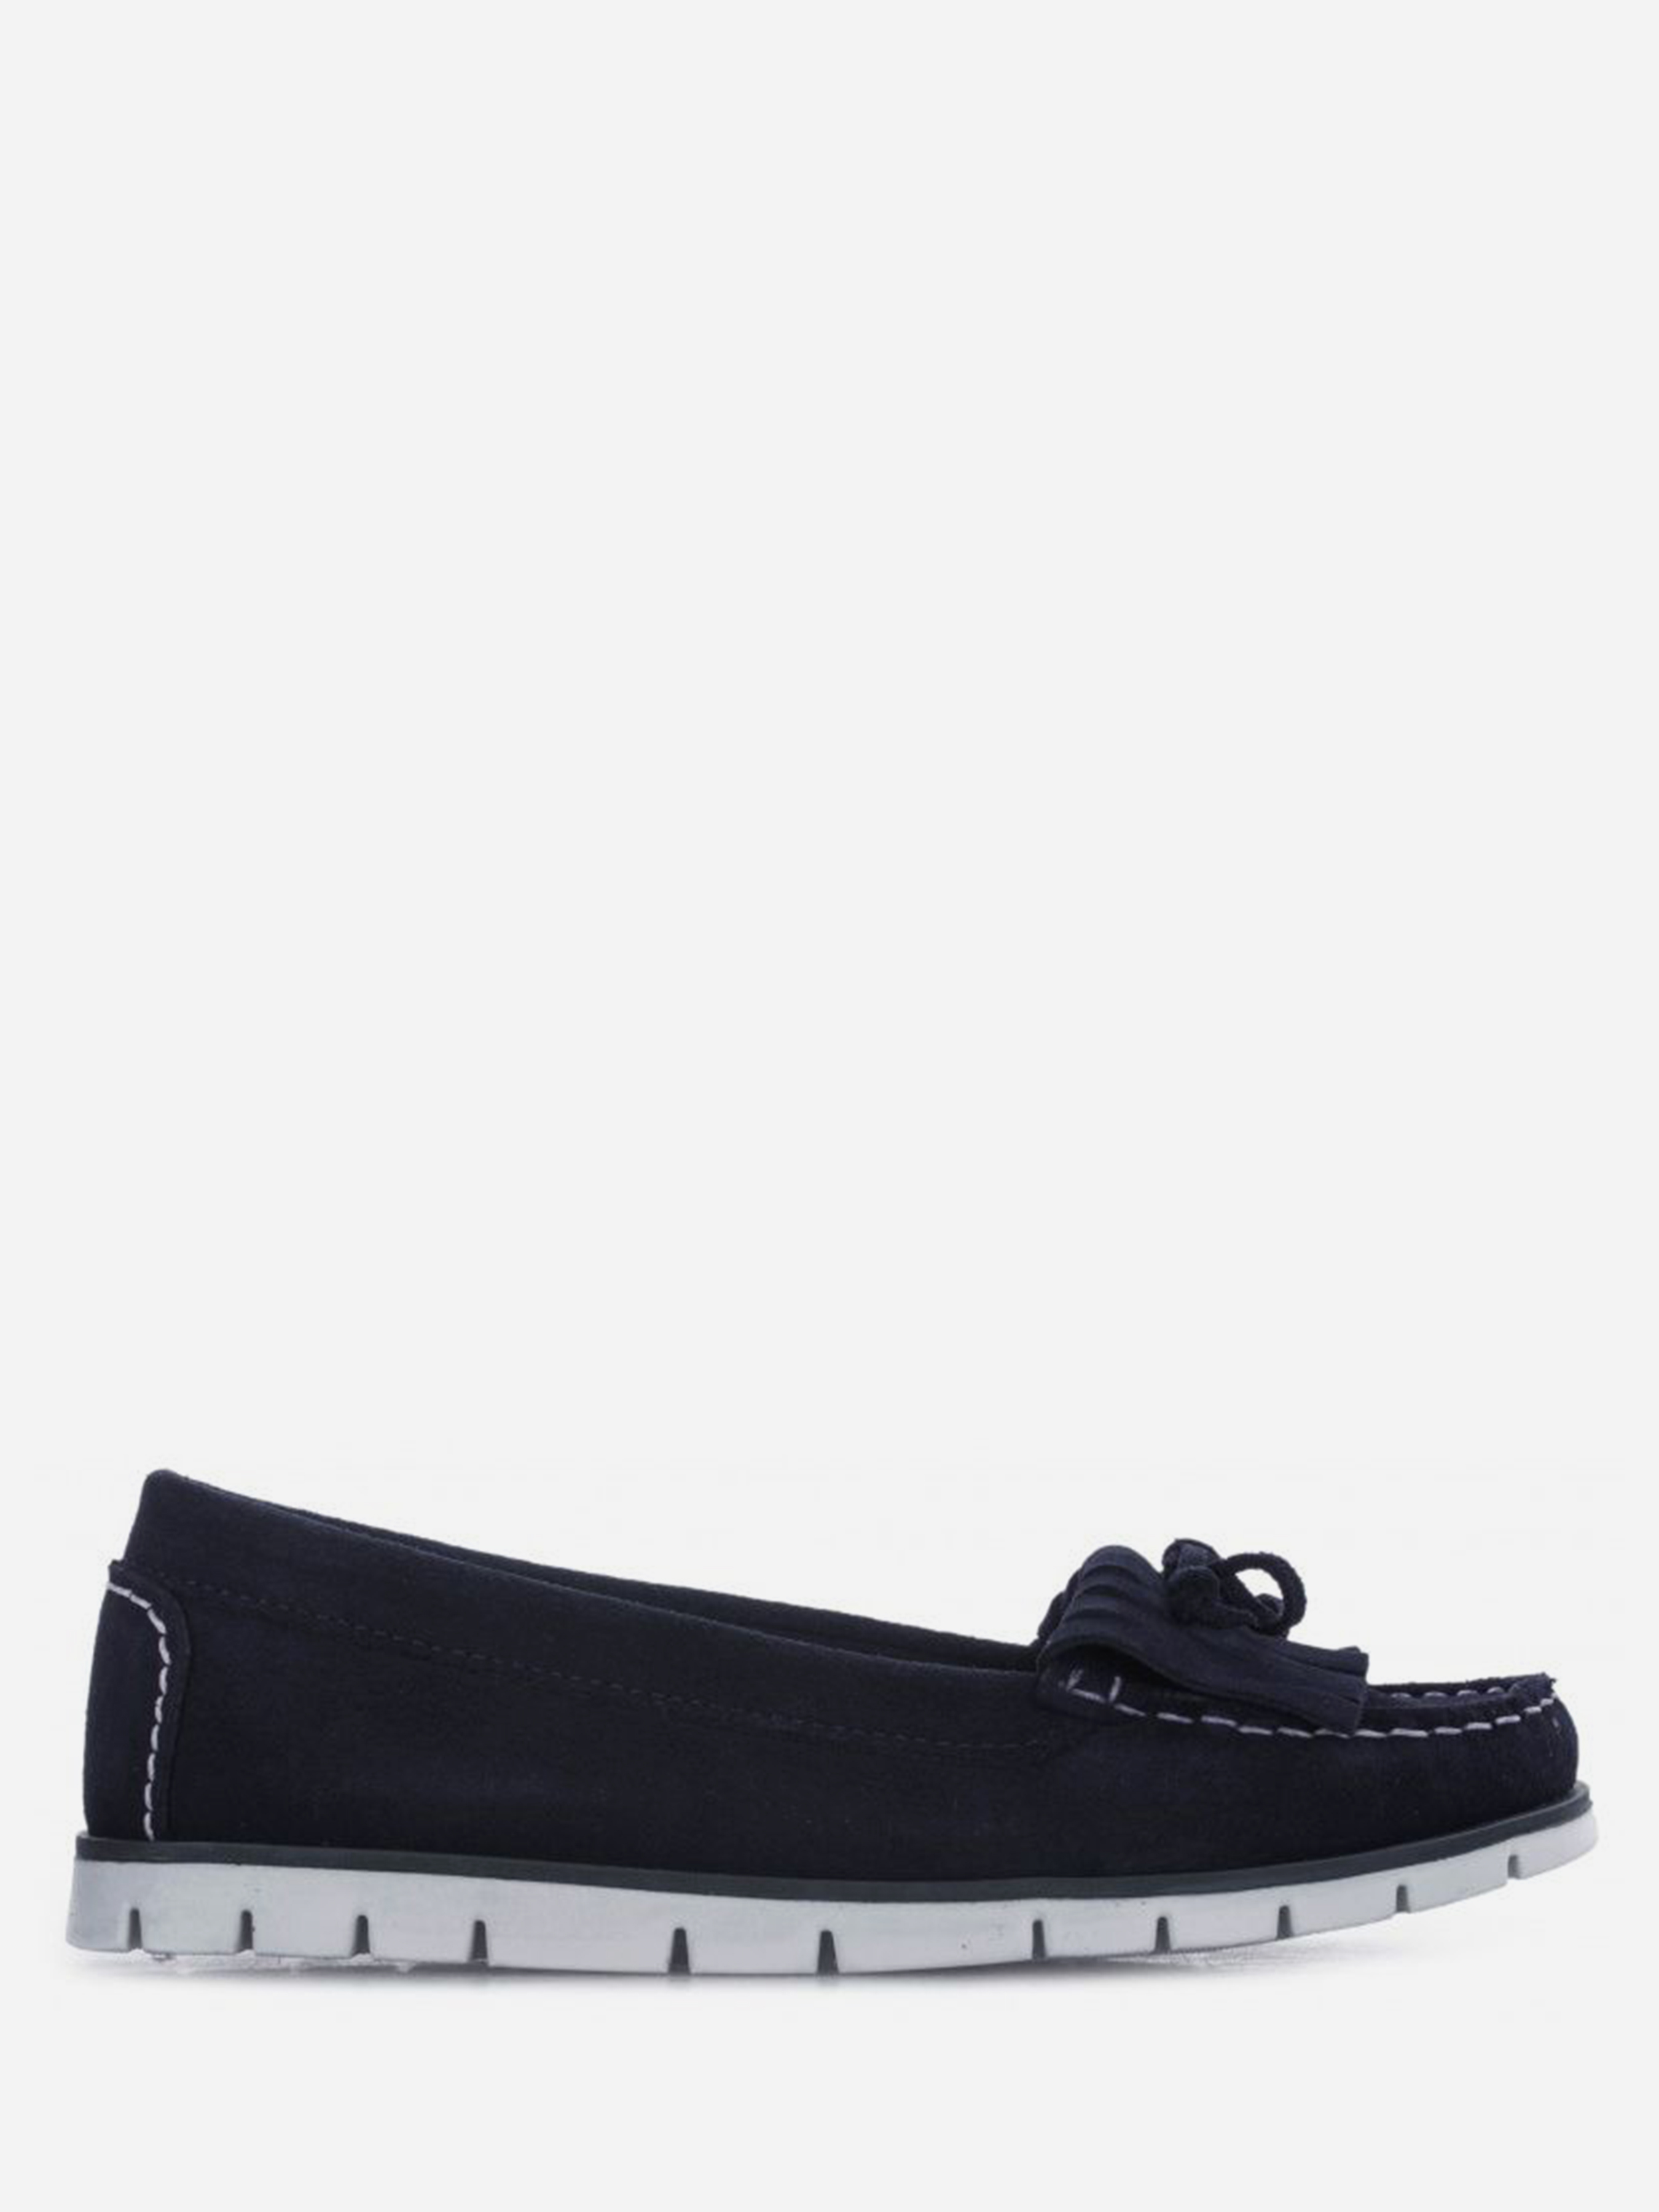 Мокасины для женщин Filipe Shoes мокасини жін.(36-41) UZ50 продажа, 2017